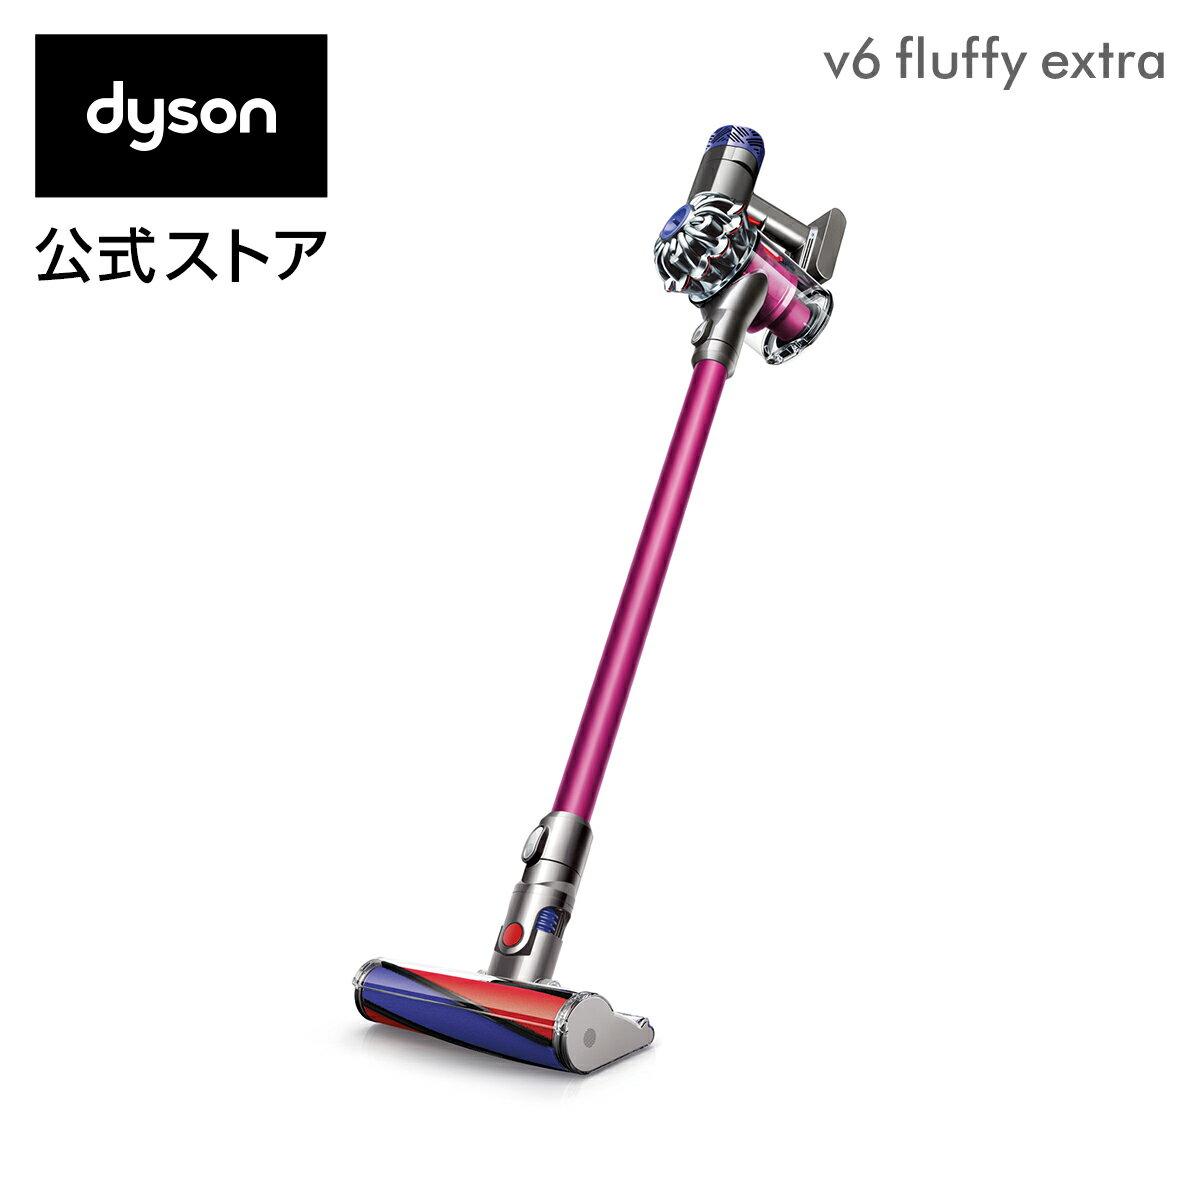 掃除機・クリーナー, 掃除機 269:59am Dyson V6 Fluffy Extra SV09MHPLS